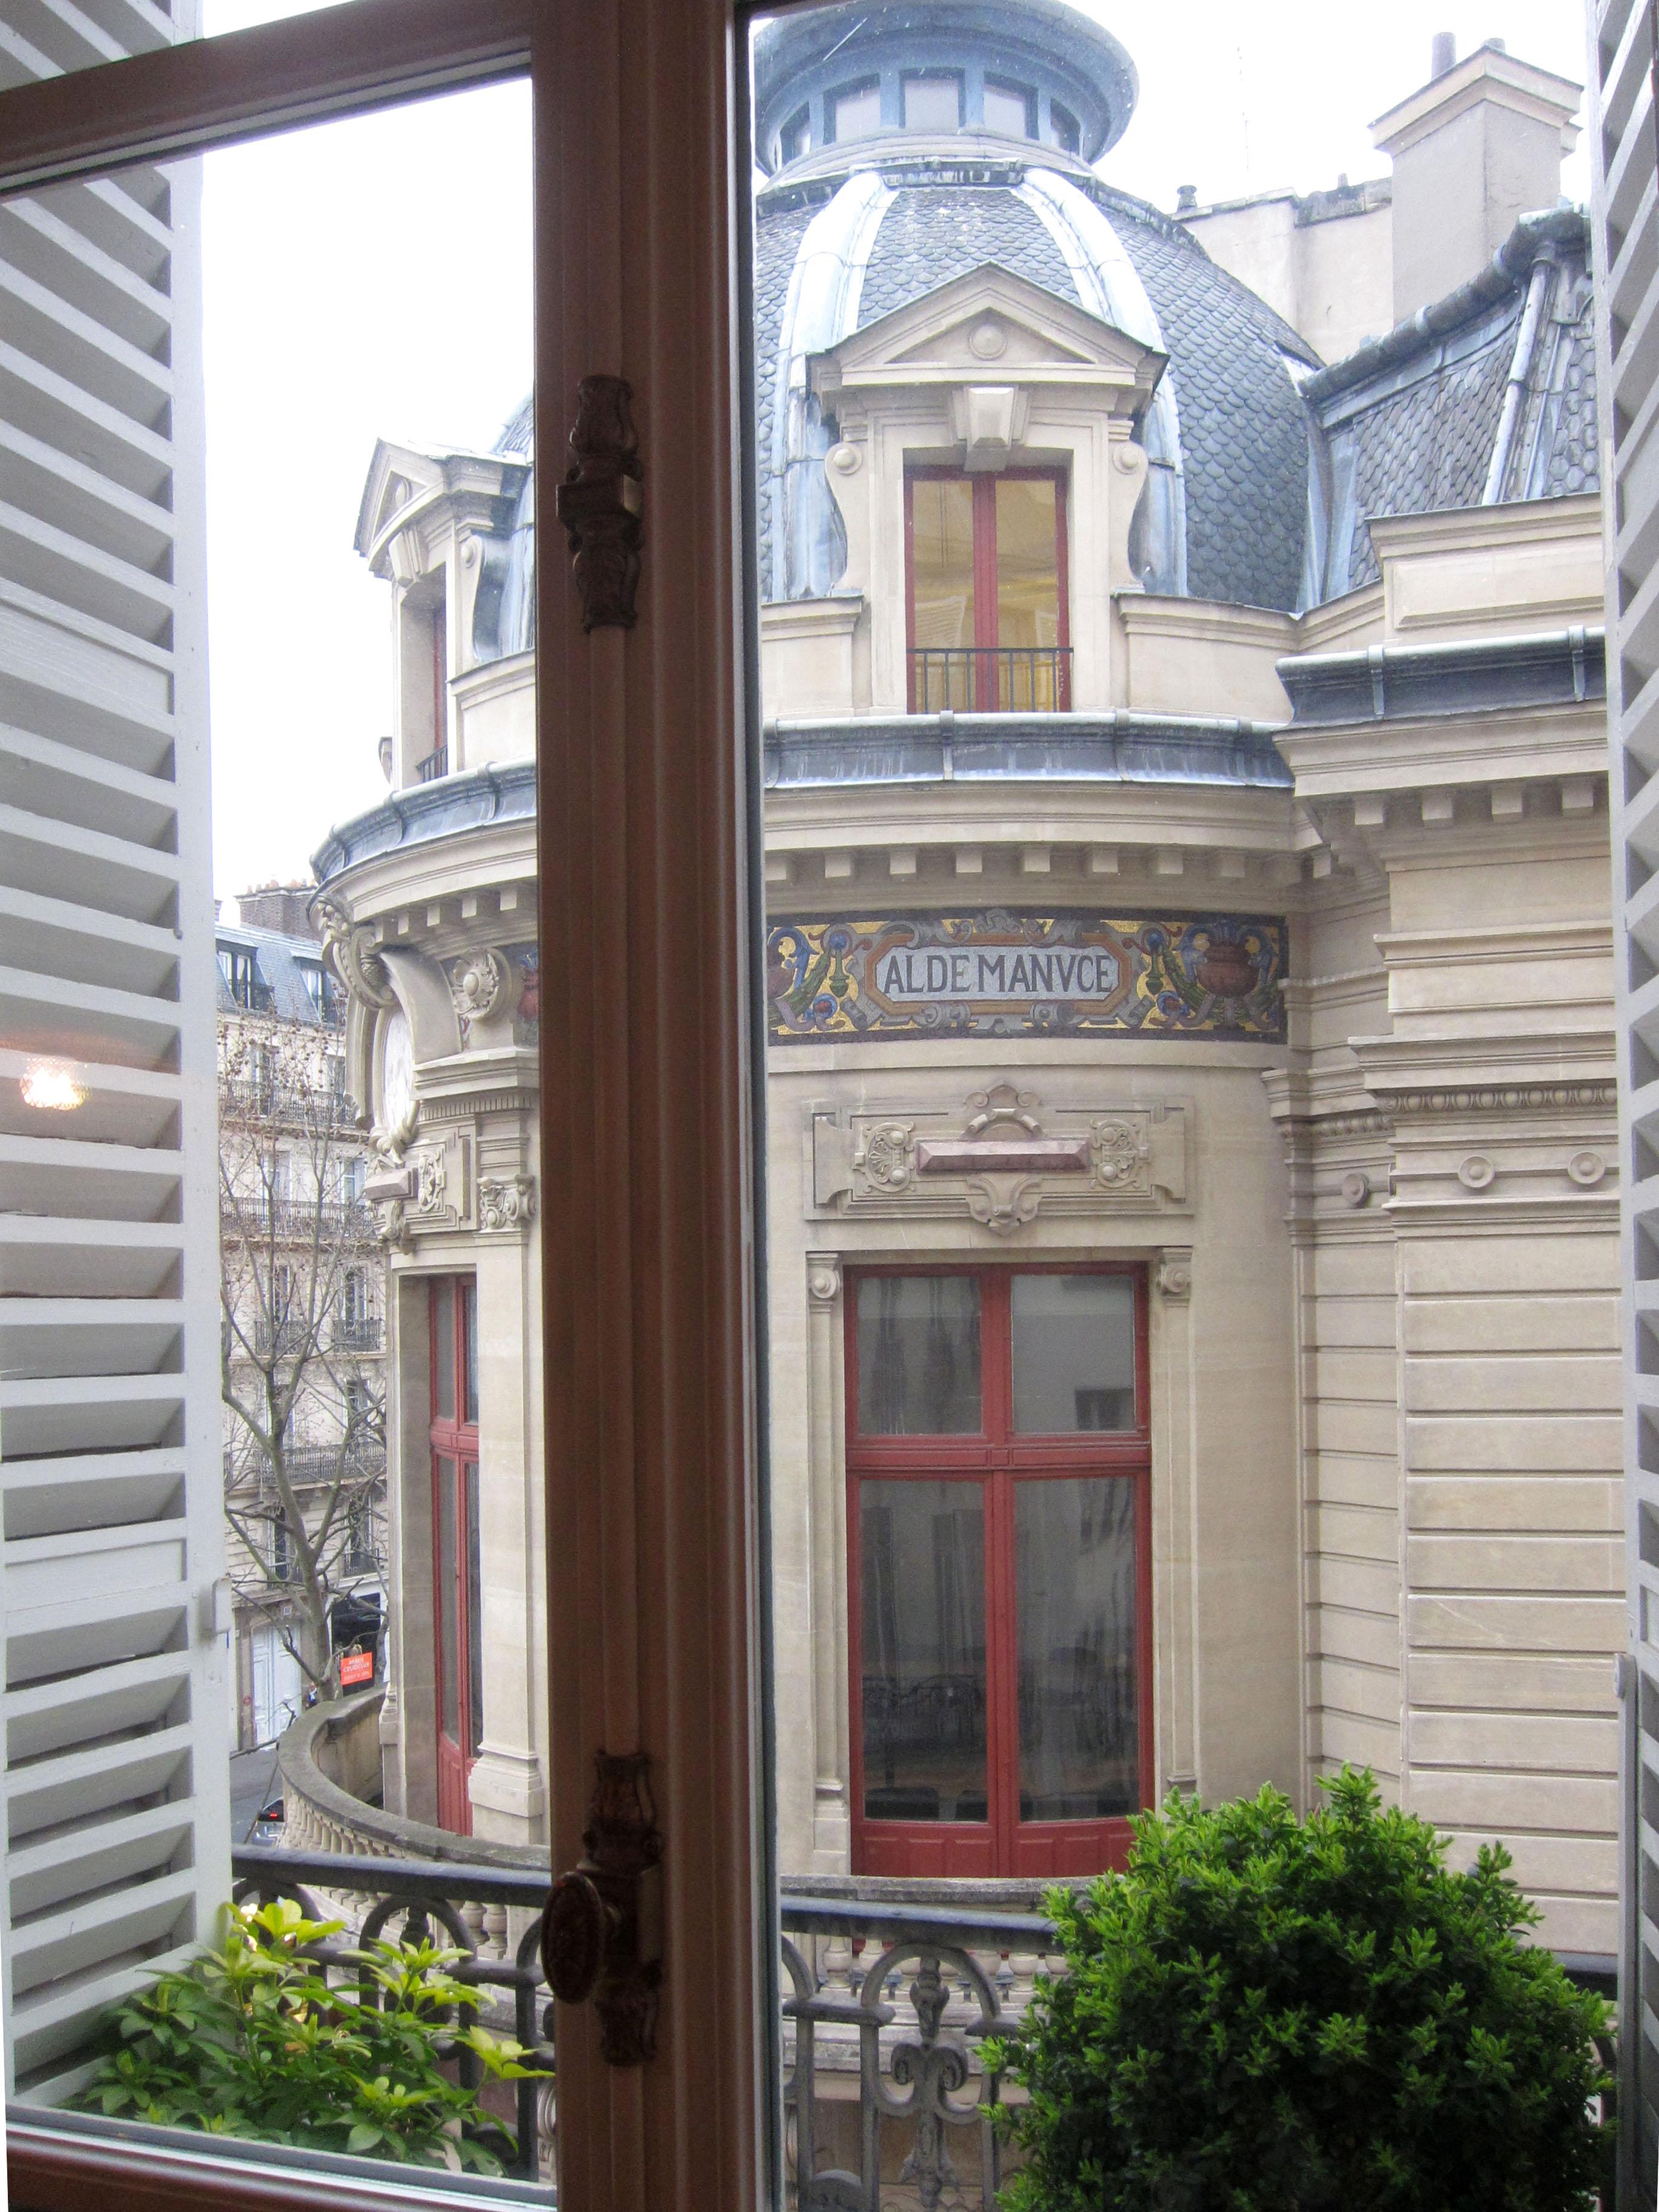 W2097-WOONHUIS-PARIJS (5)